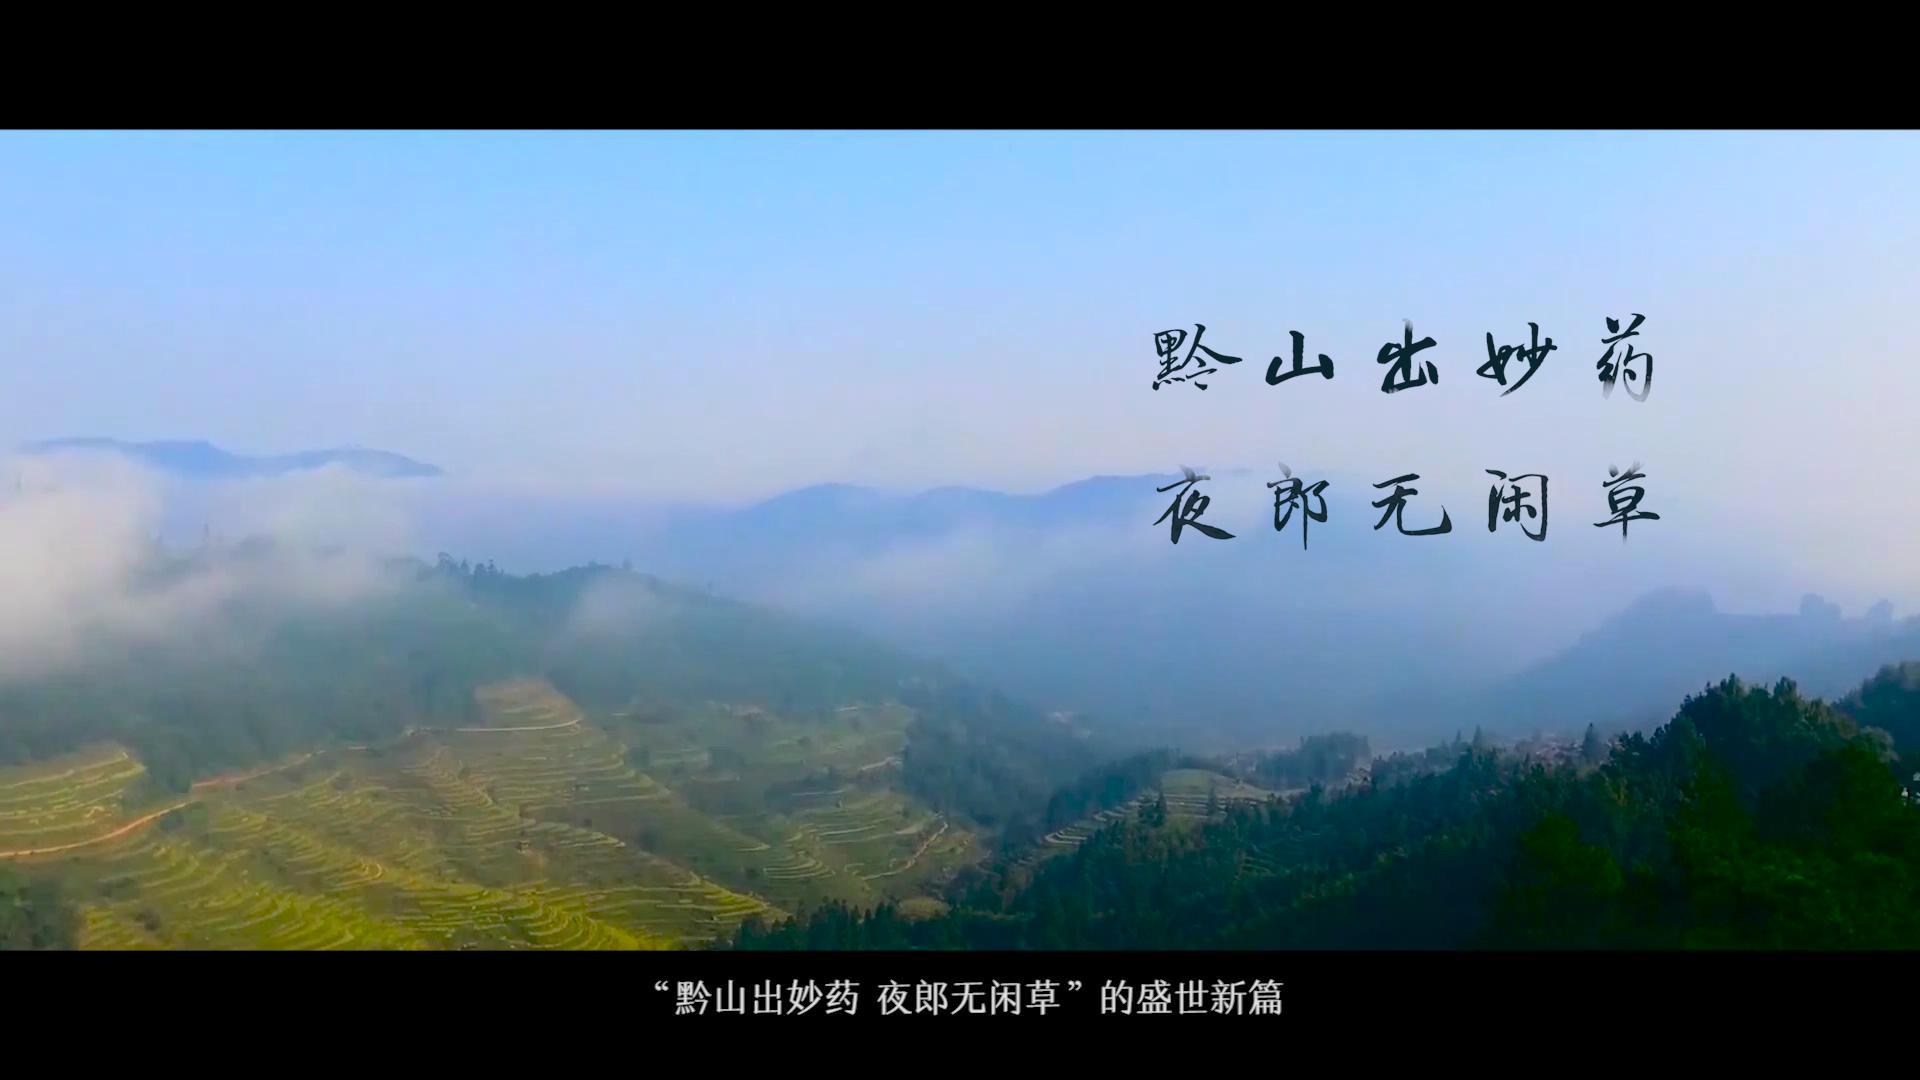 朗致集团贵州太和制药公司宣传片